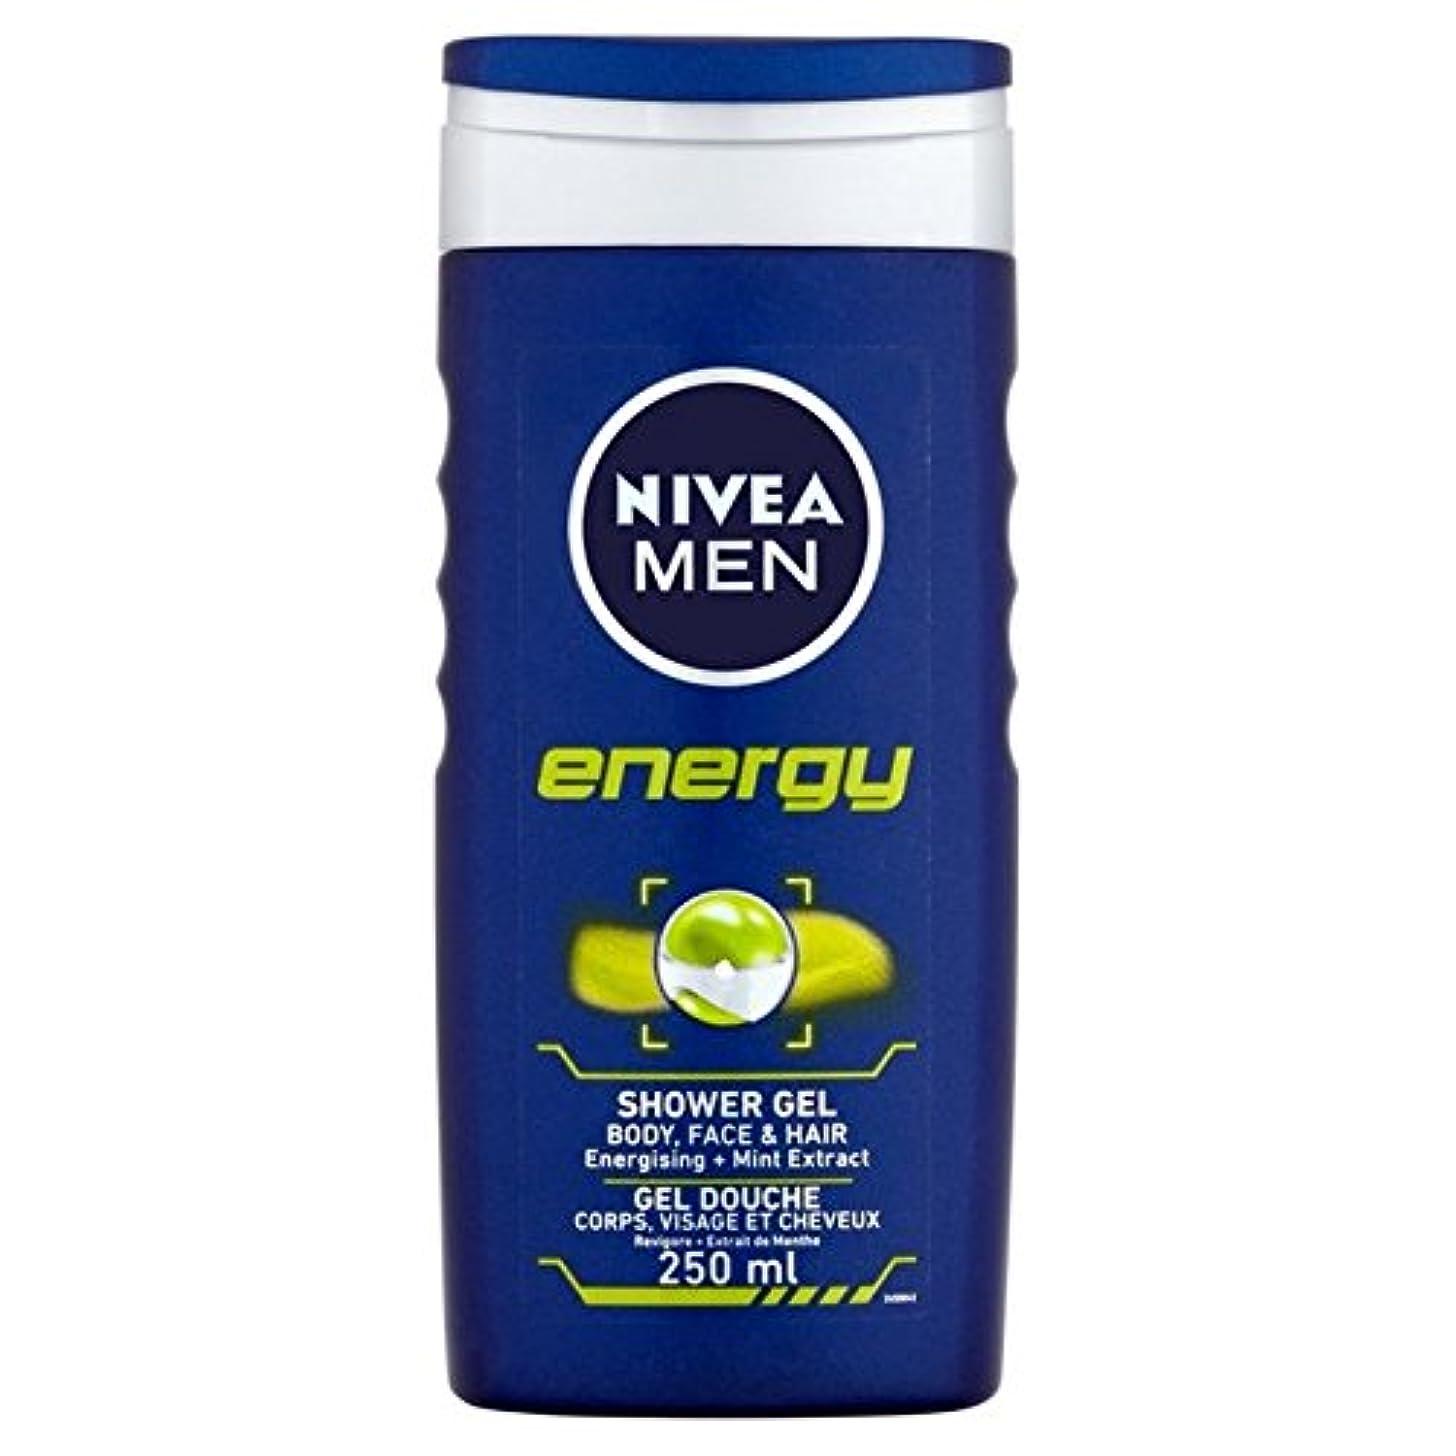 協会上回るストレッチNivea Men Energy 2 in 1 Shower 250ml - 1つのシャワー250ミリリットル中ニベアの男性のエネルギー2 [並行輸入品]